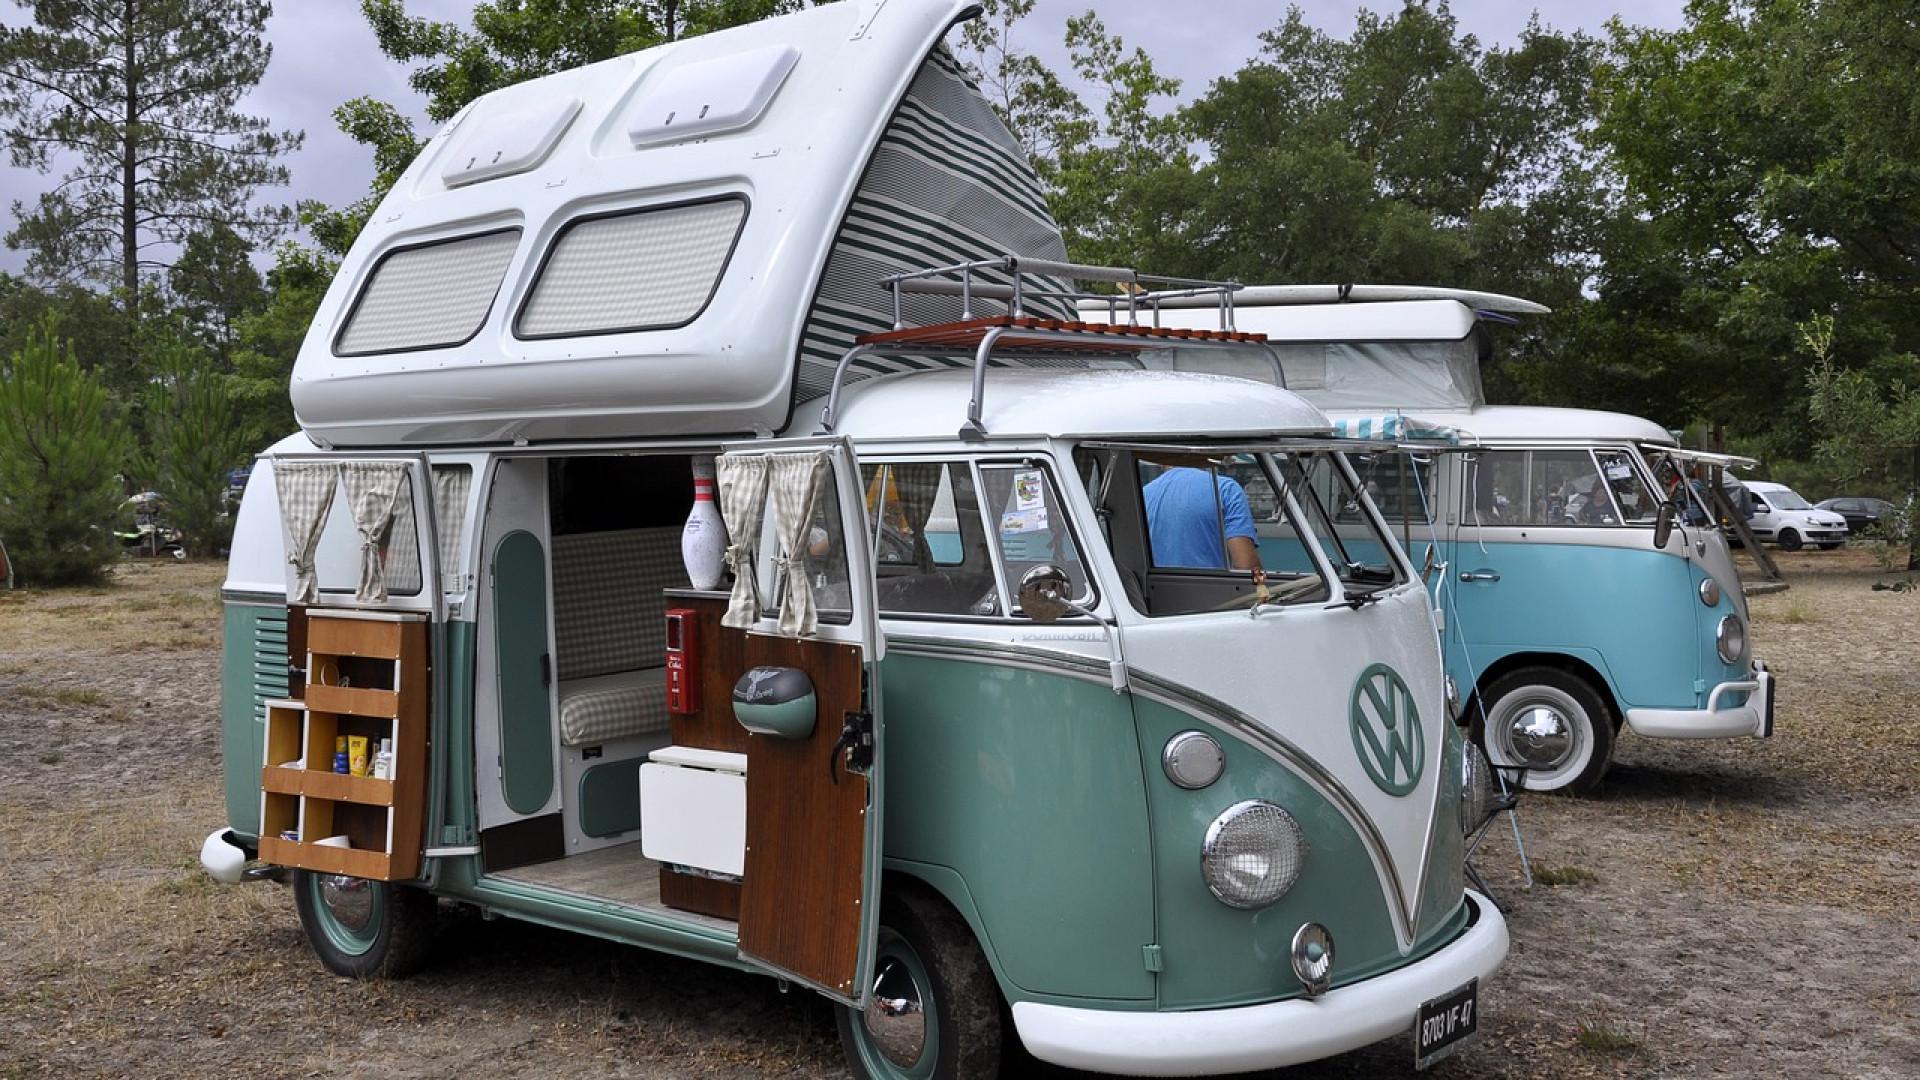 La location d'un van aménagé : l'idée parfaite pour parcourir l'Europe